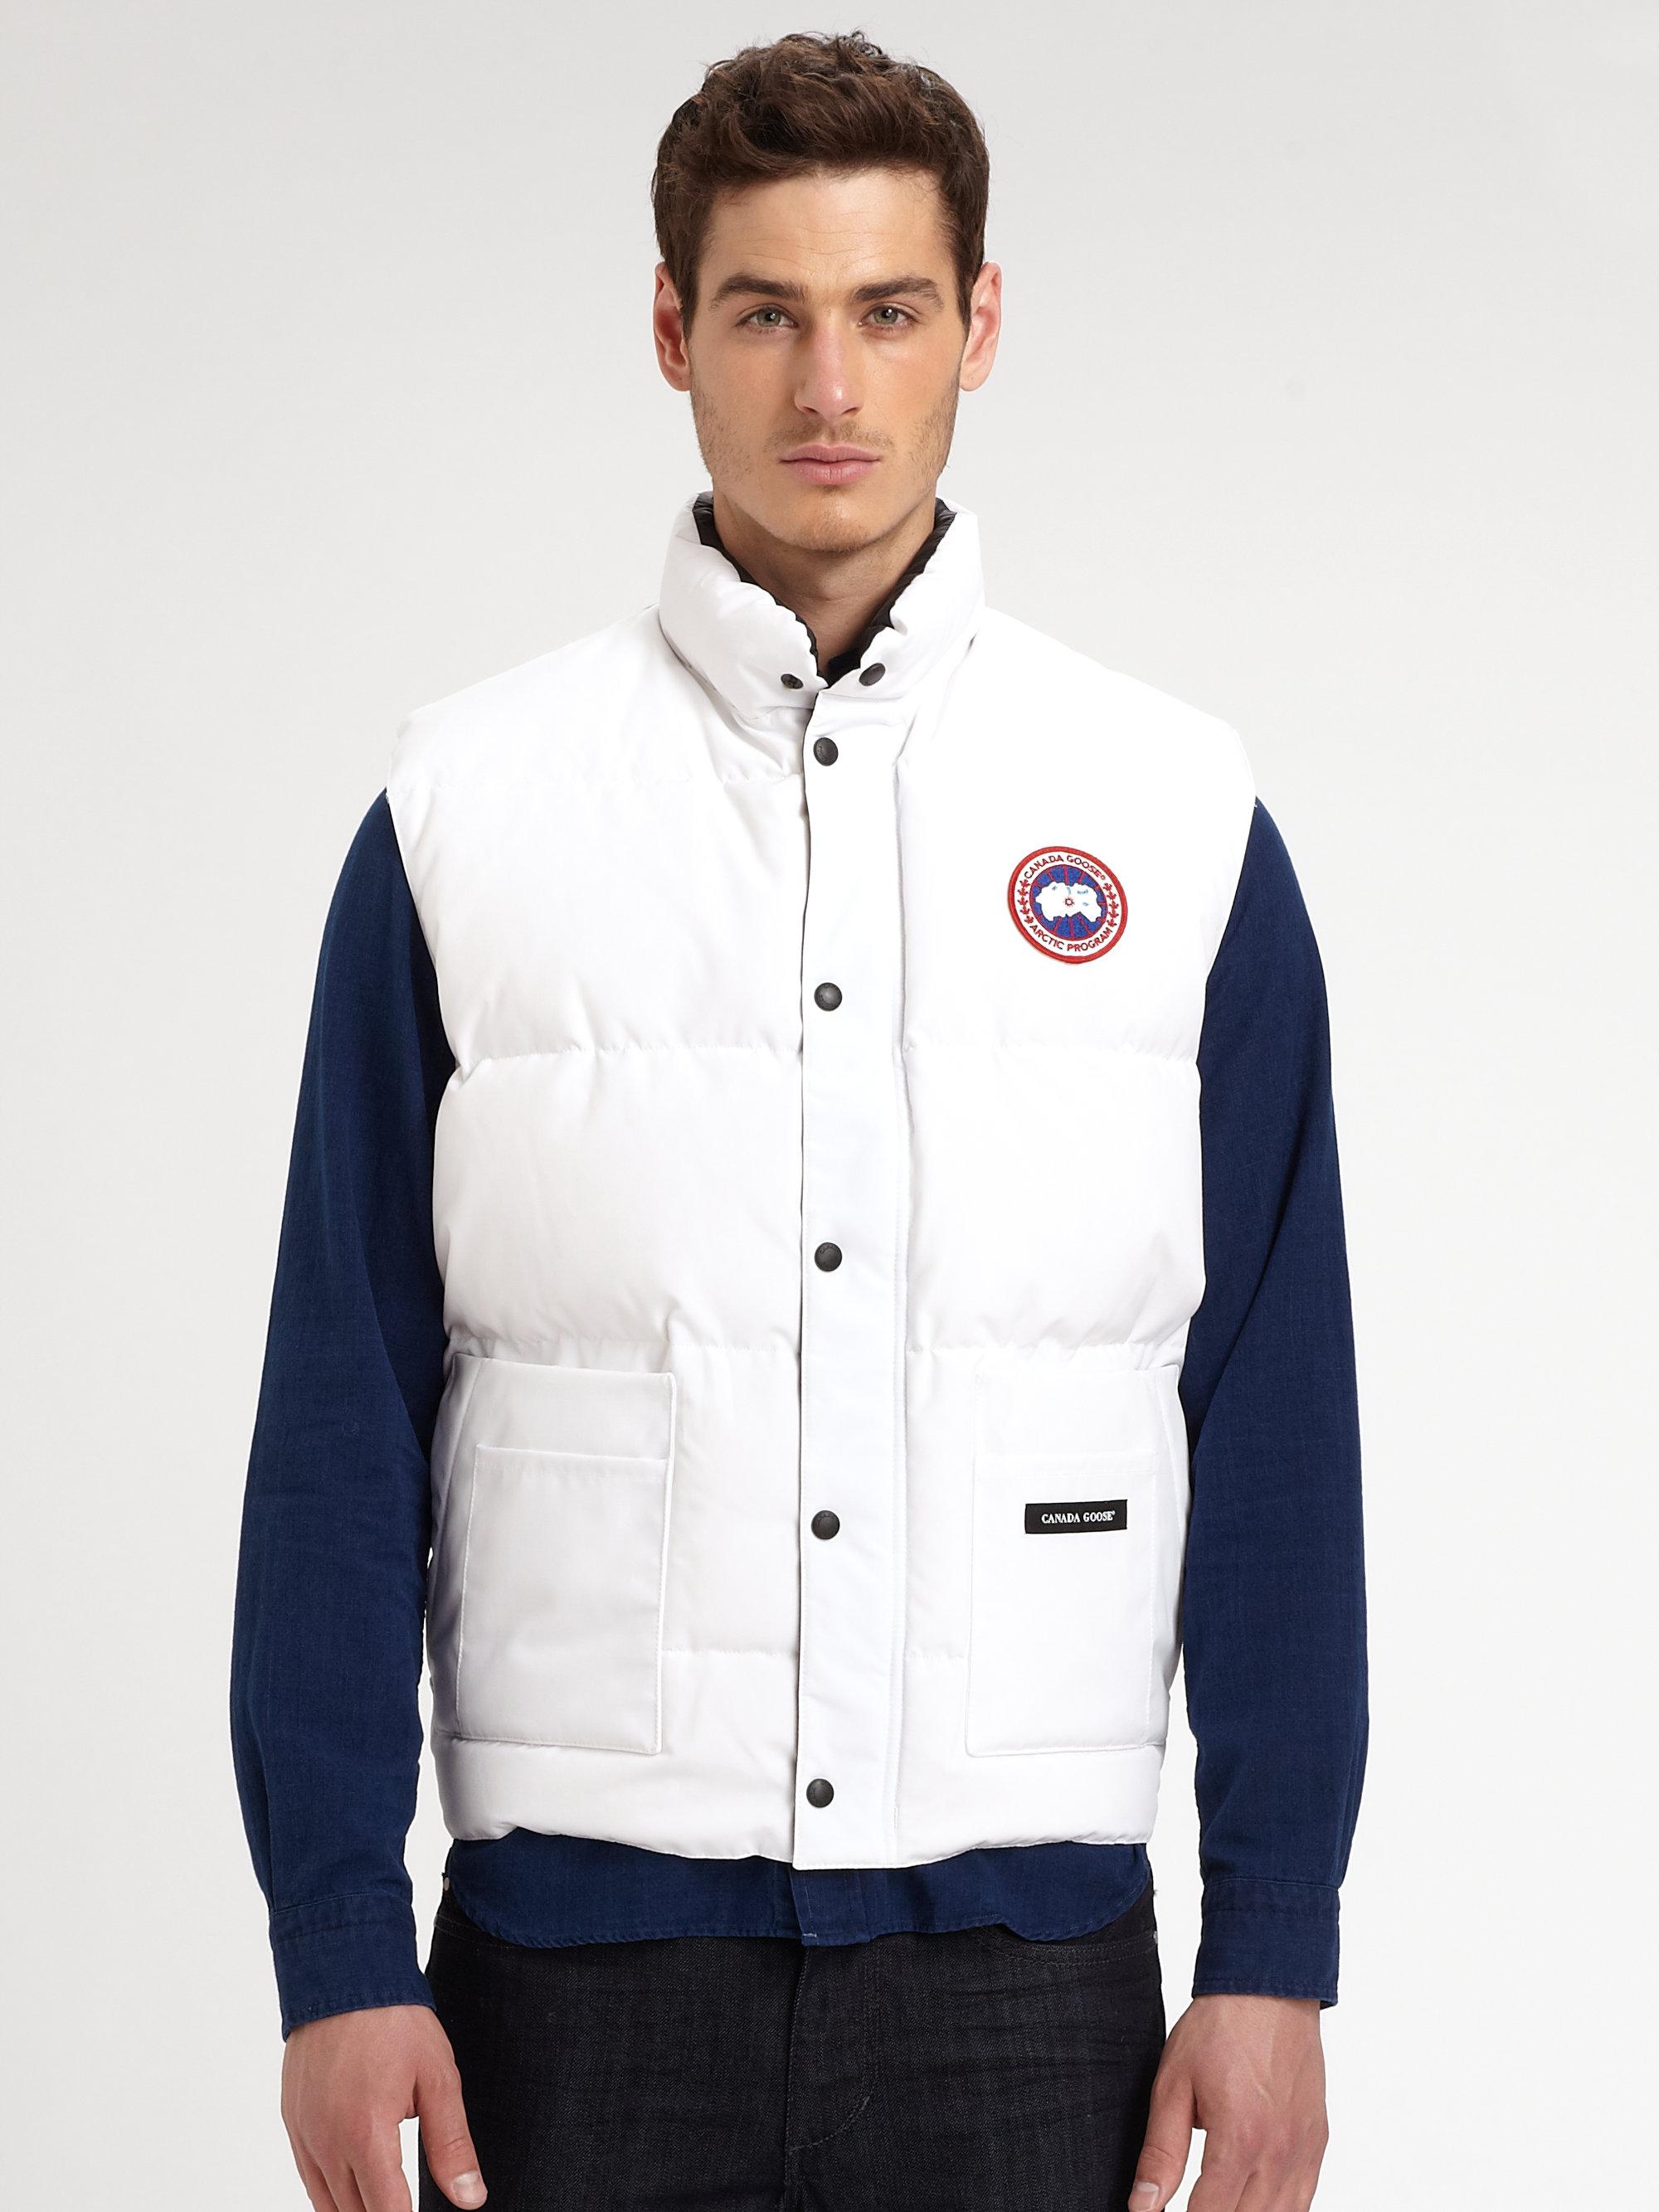 canada goose jacket white